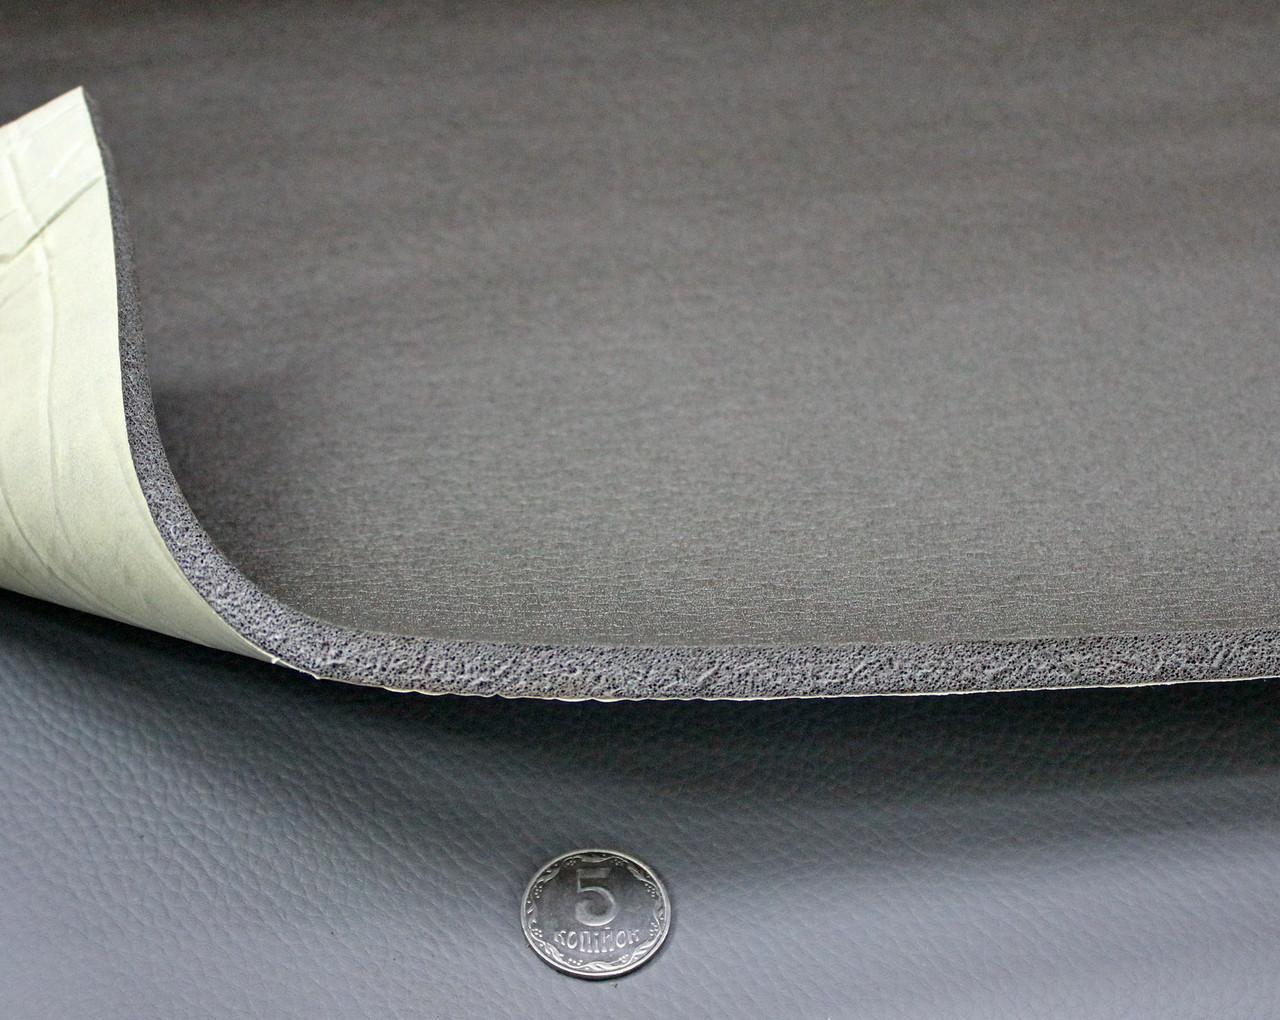 Шумоизоляция для авто 8мм, STP Сплен 3008 самоклейка, лист 50х75 см